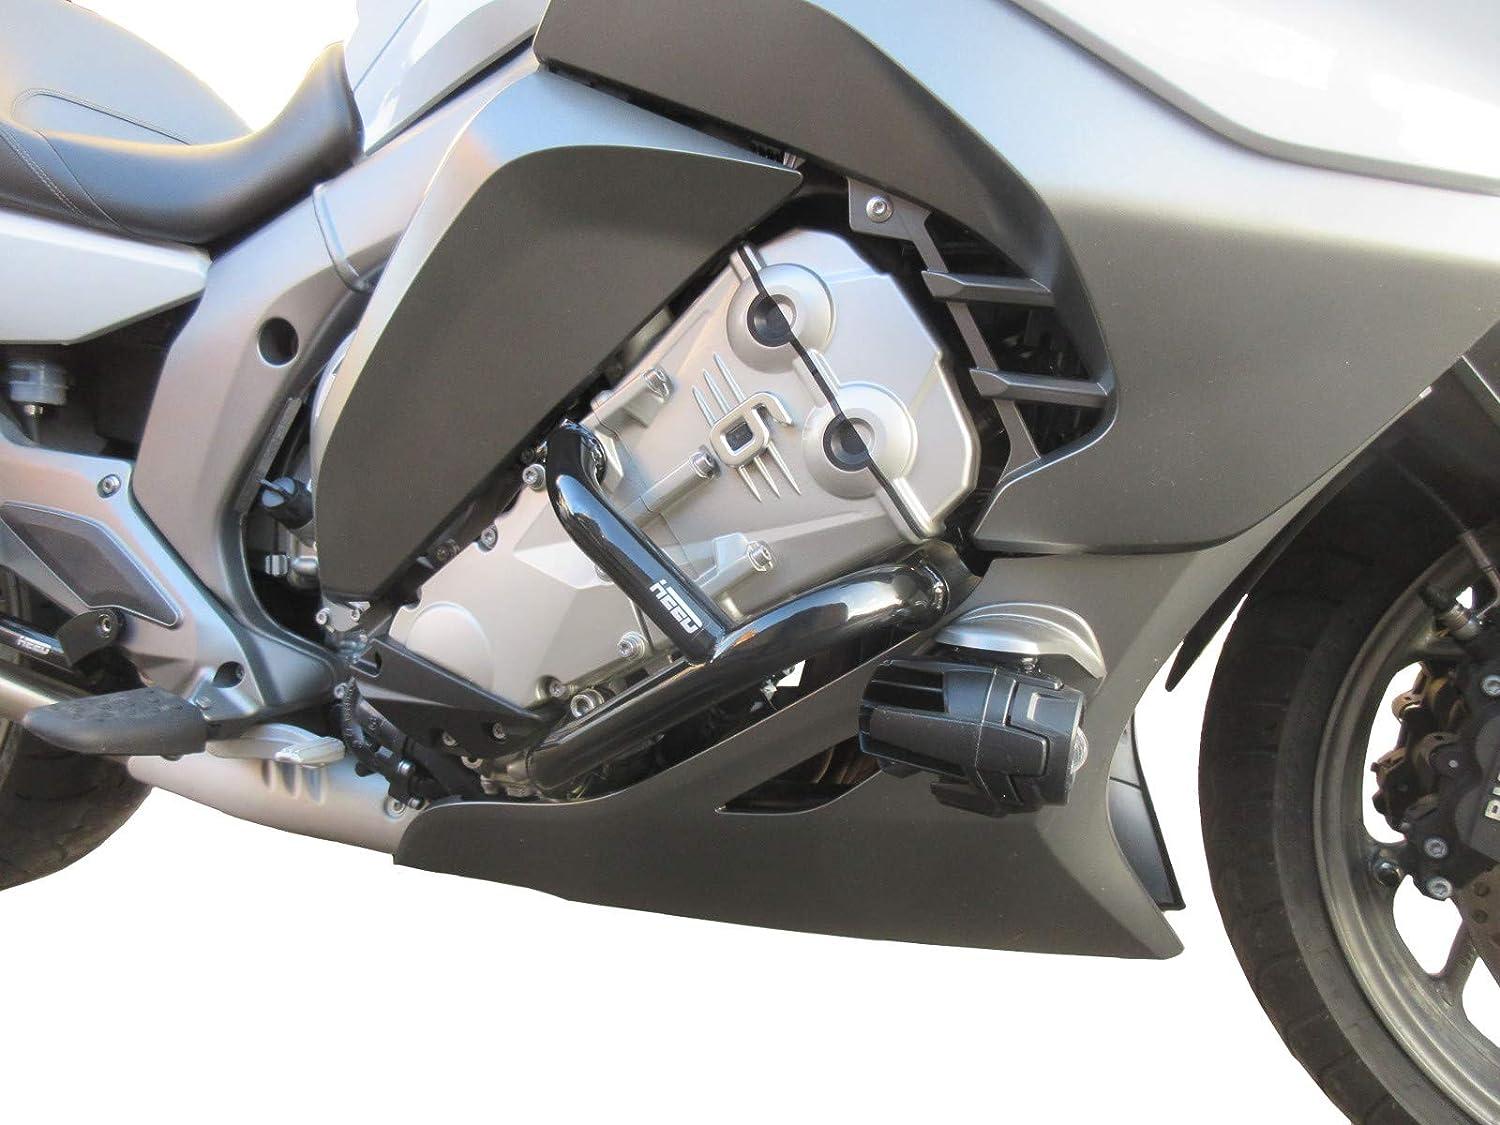 negro - Basic 2017 - Defensa protector de motor Heed K 1600 GT//GTL